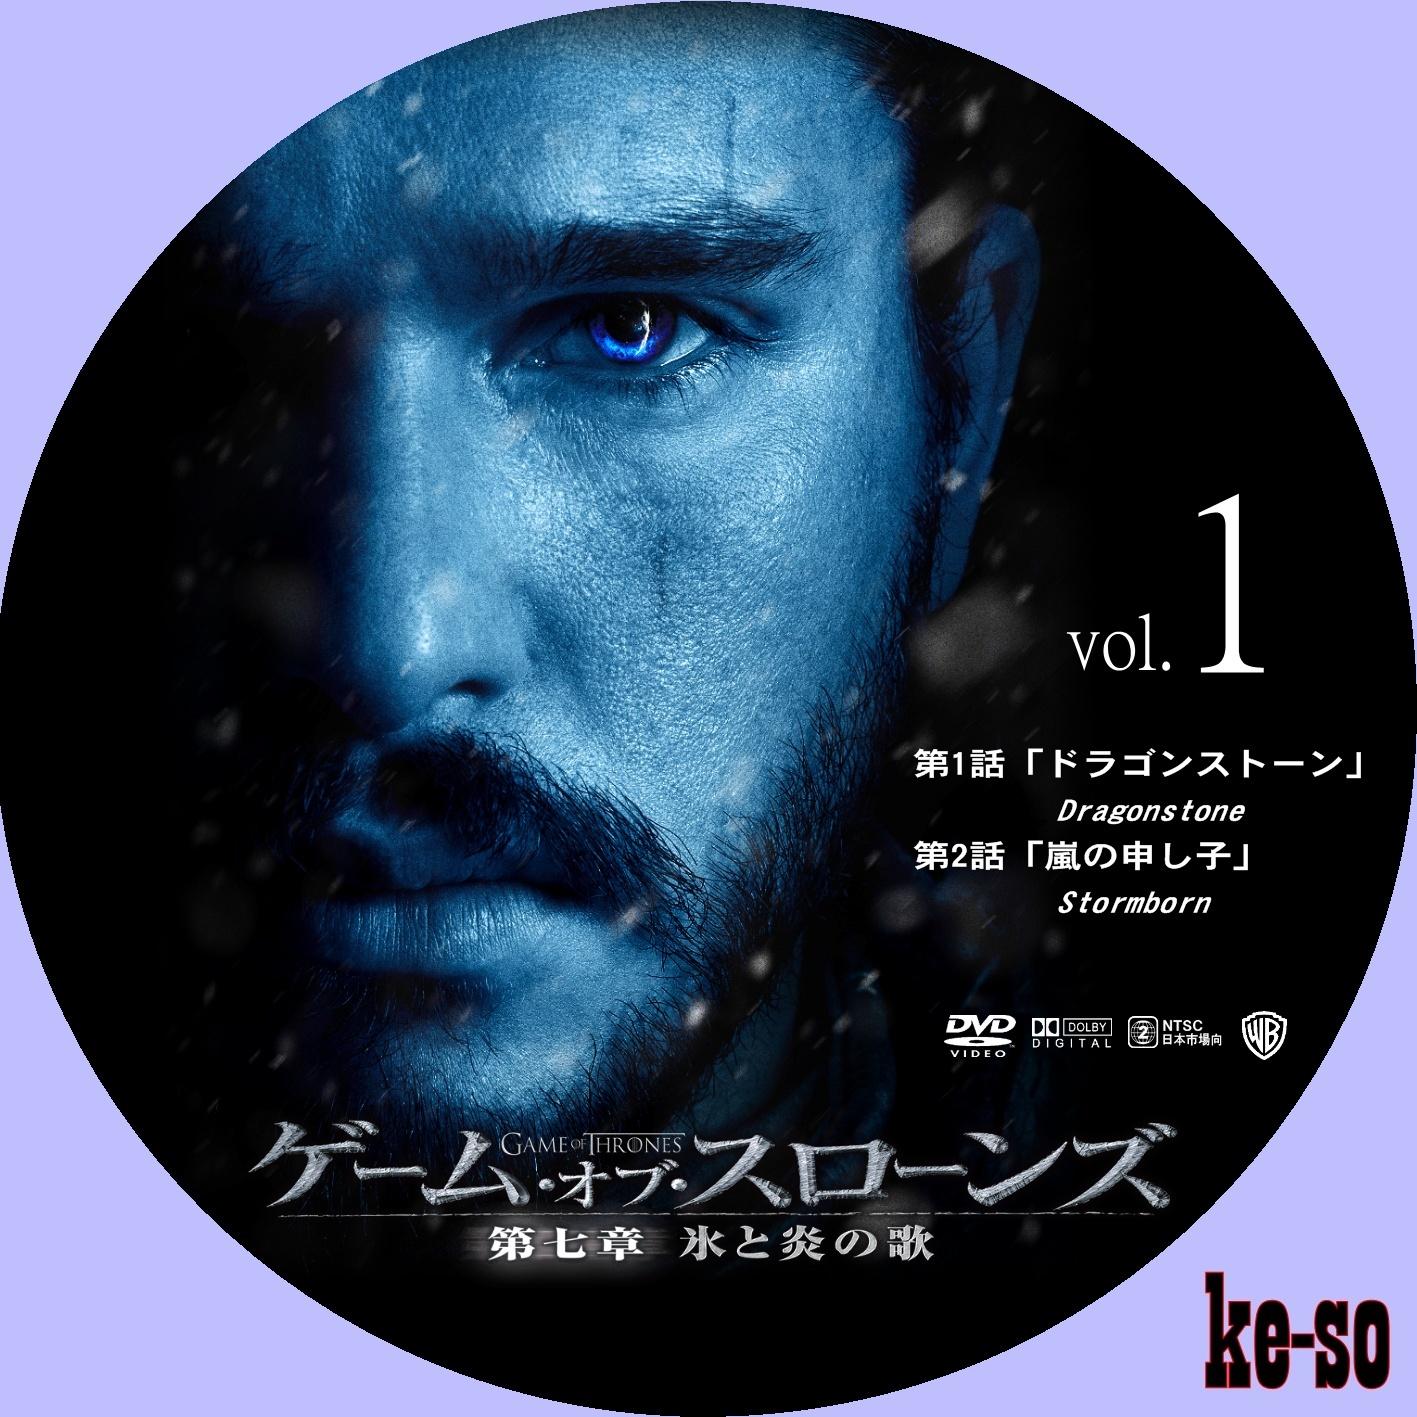 ゲーム・オブ・スローンズ 第七章氷と炎の歌